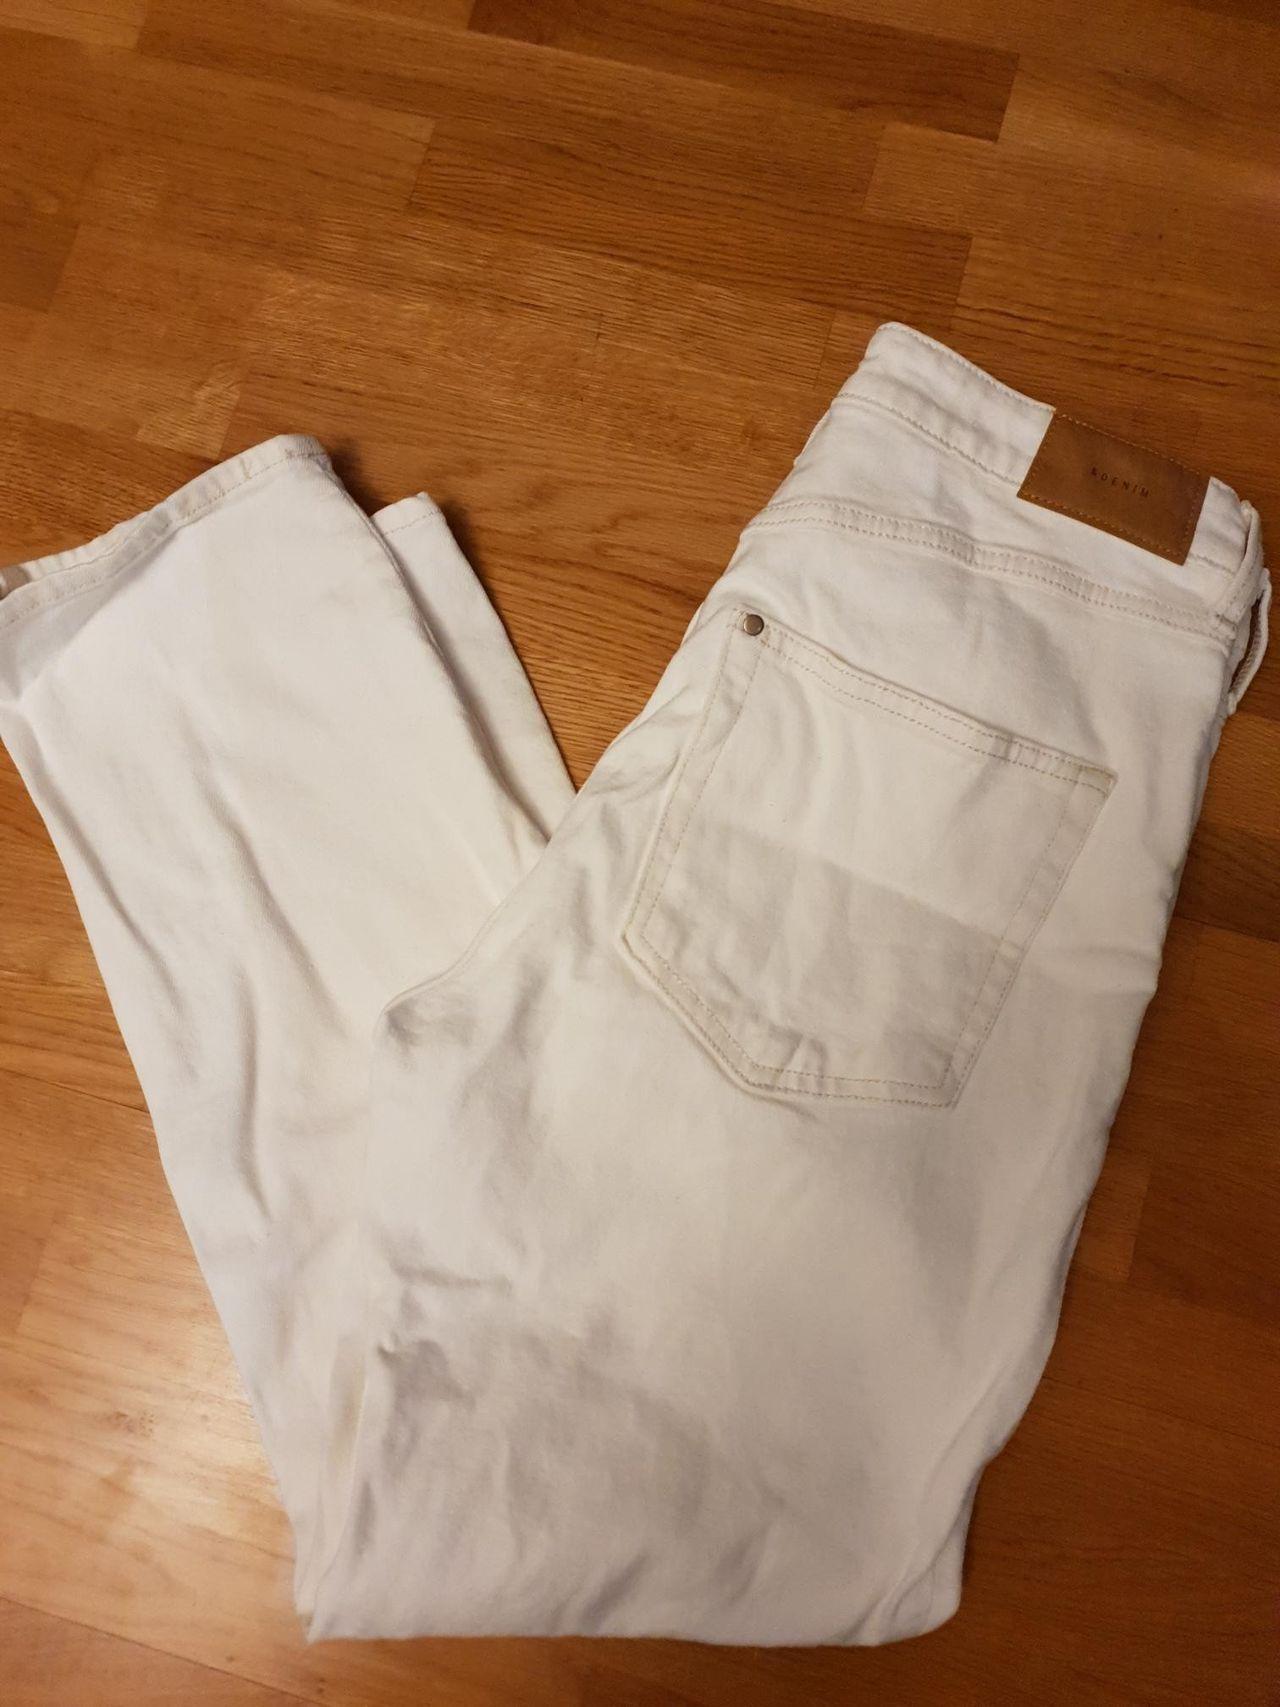 Hvit bukse i størrelse 40 fra H&M | FINN.no